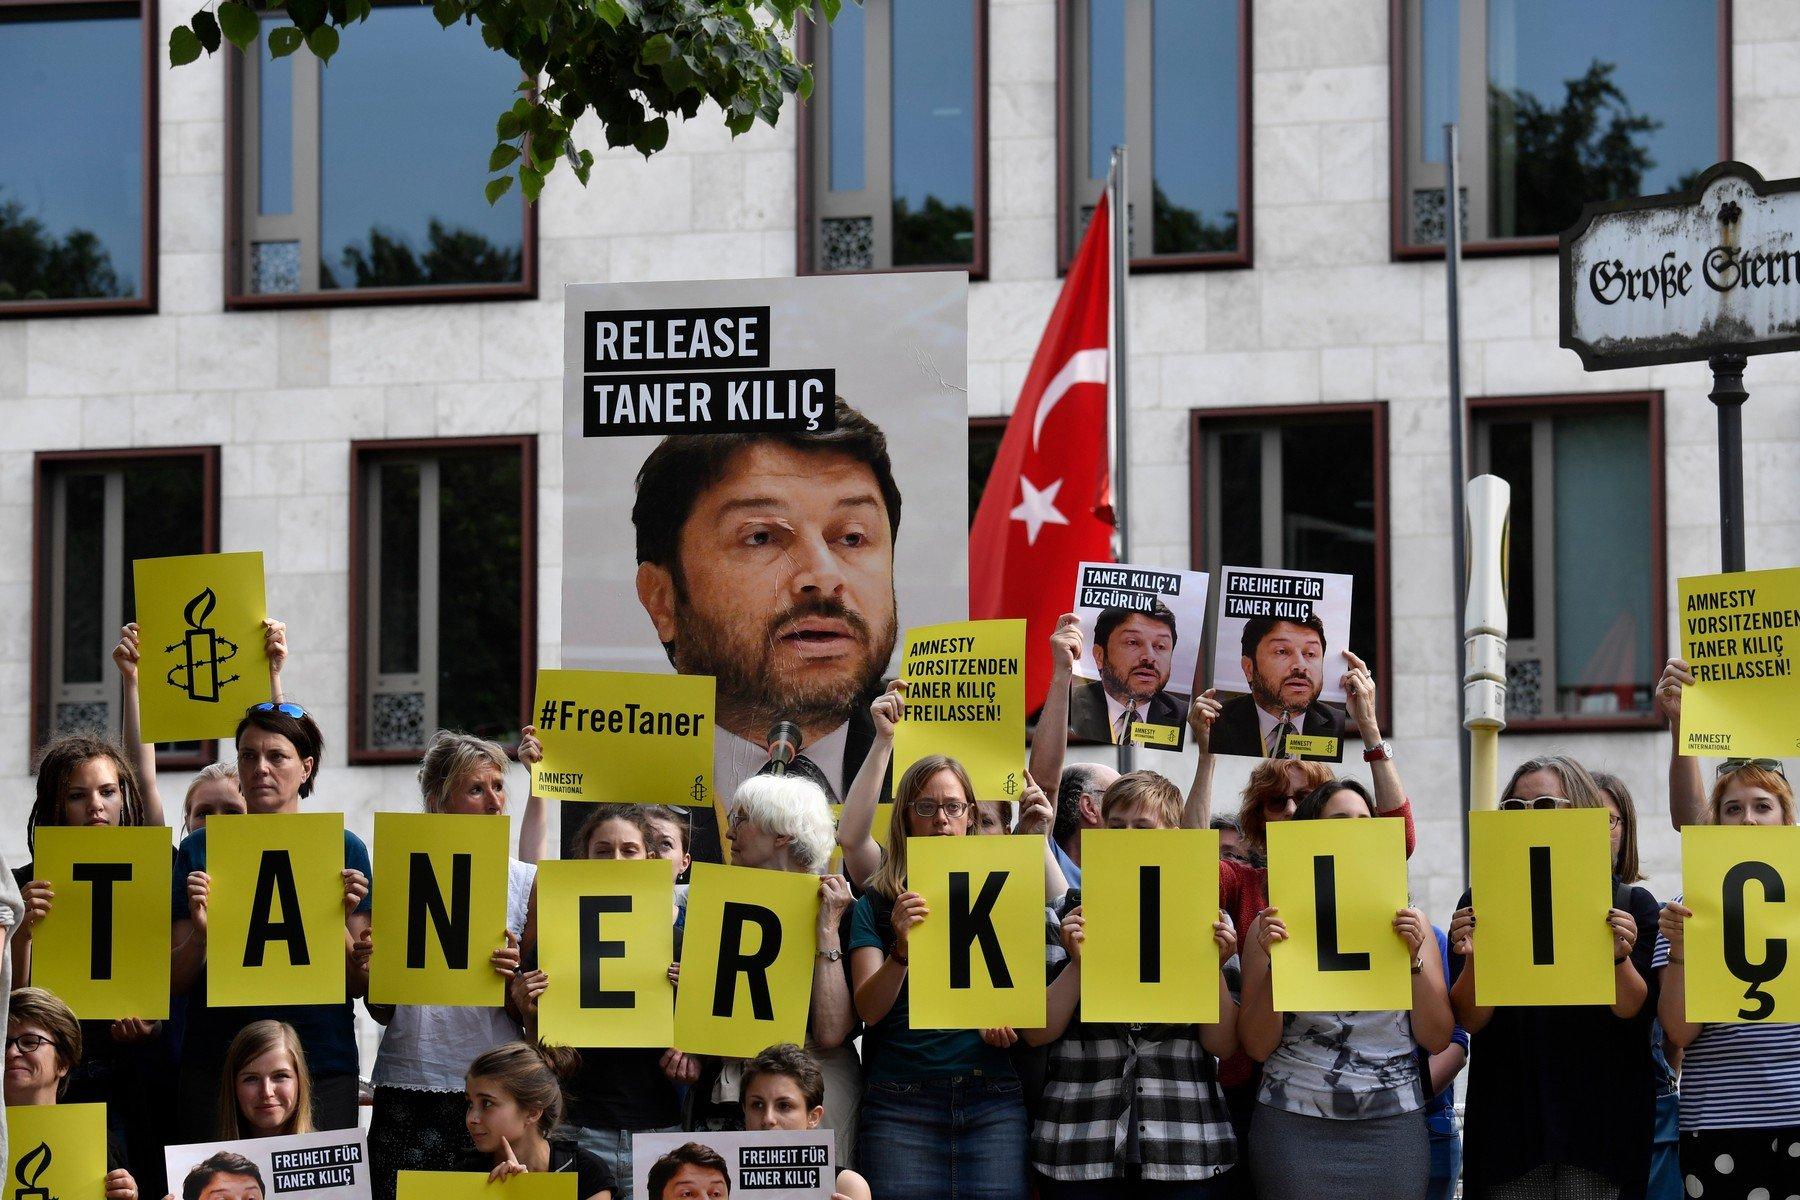 Turecký soud rozhodl o ukončení vazby šéfa tamní pobočky Amnesty International